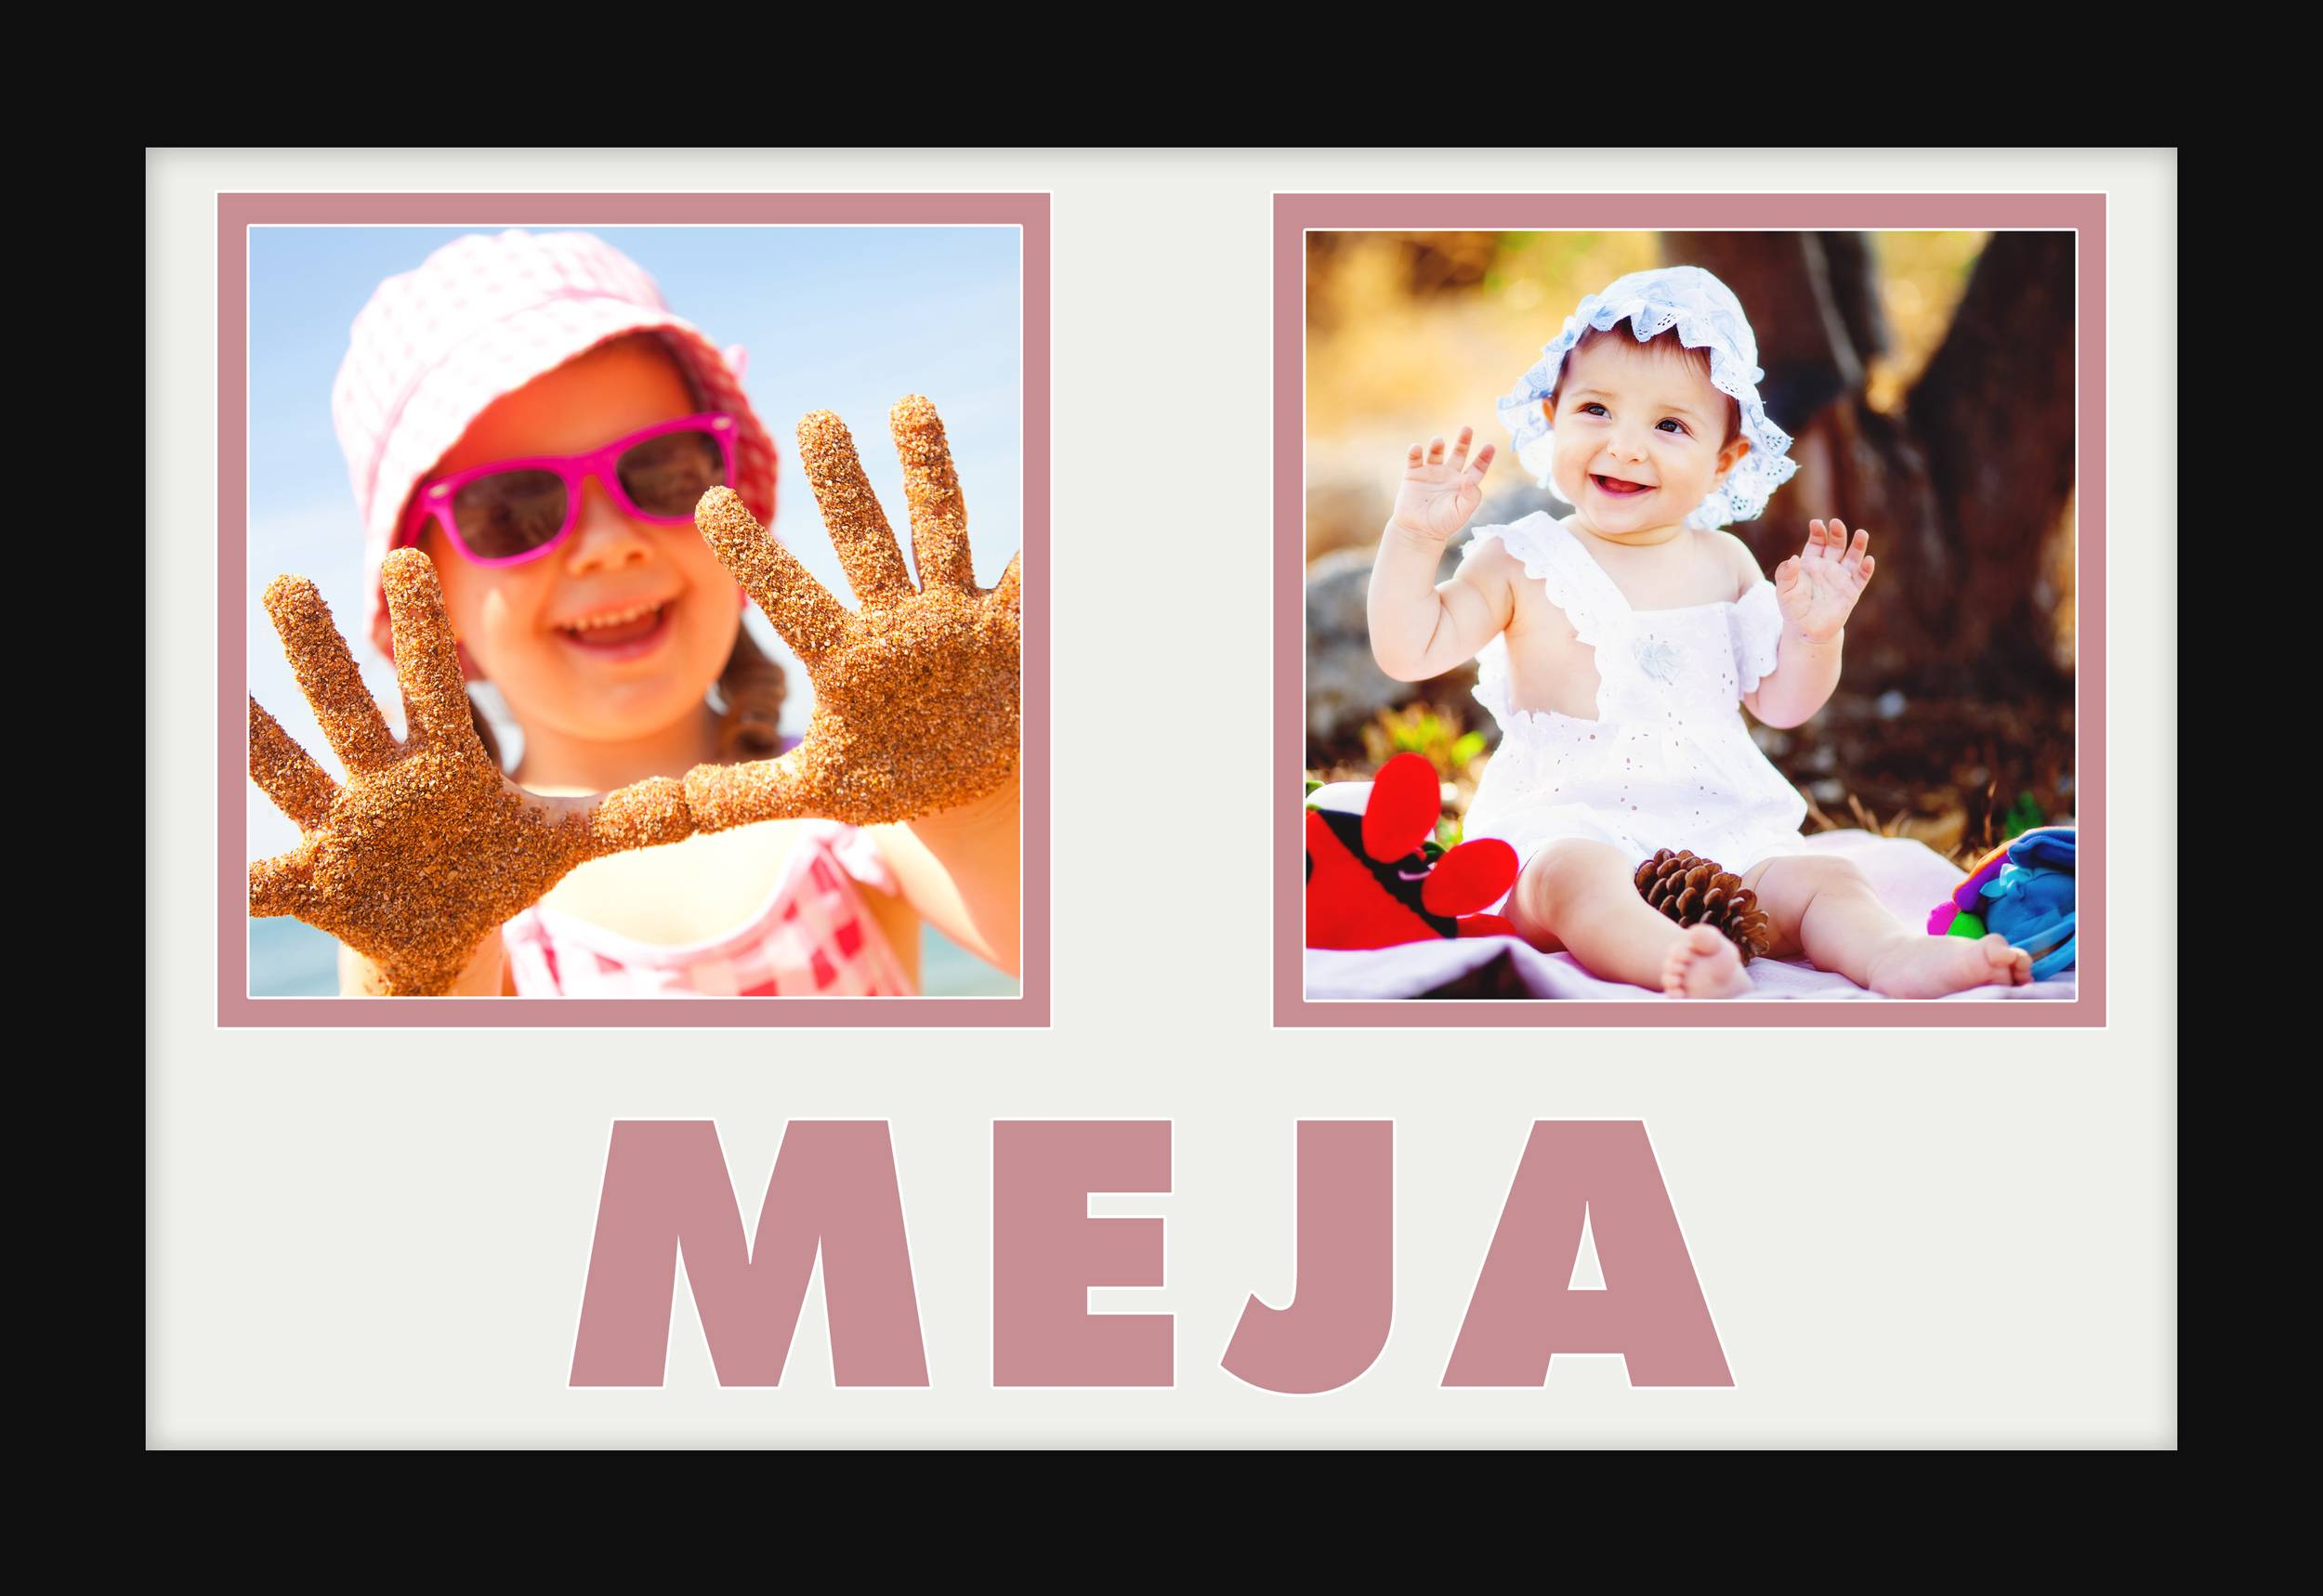 Design by BGA Meja - 2 Kuvalle